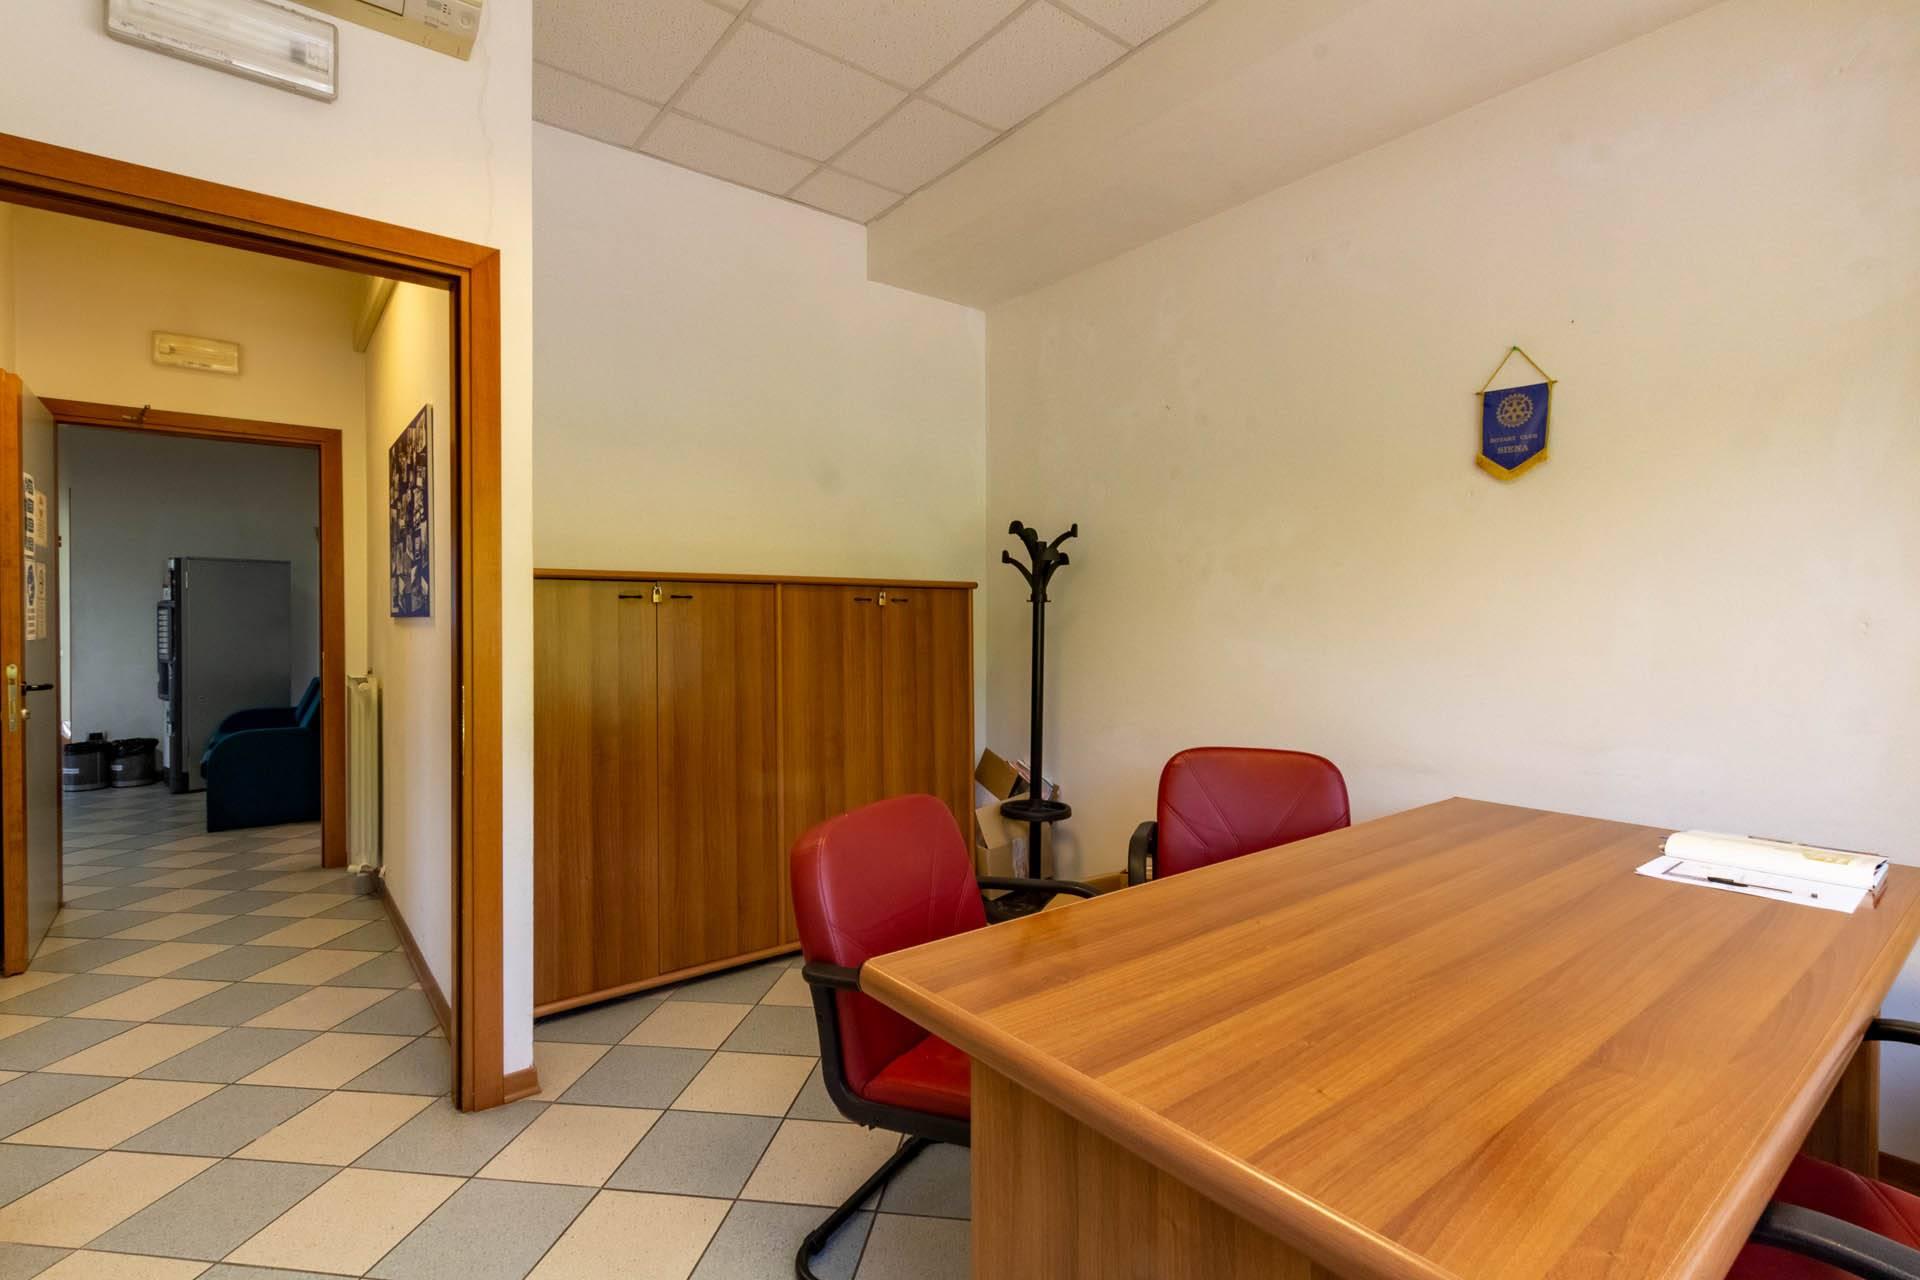 Ufficio presidenza